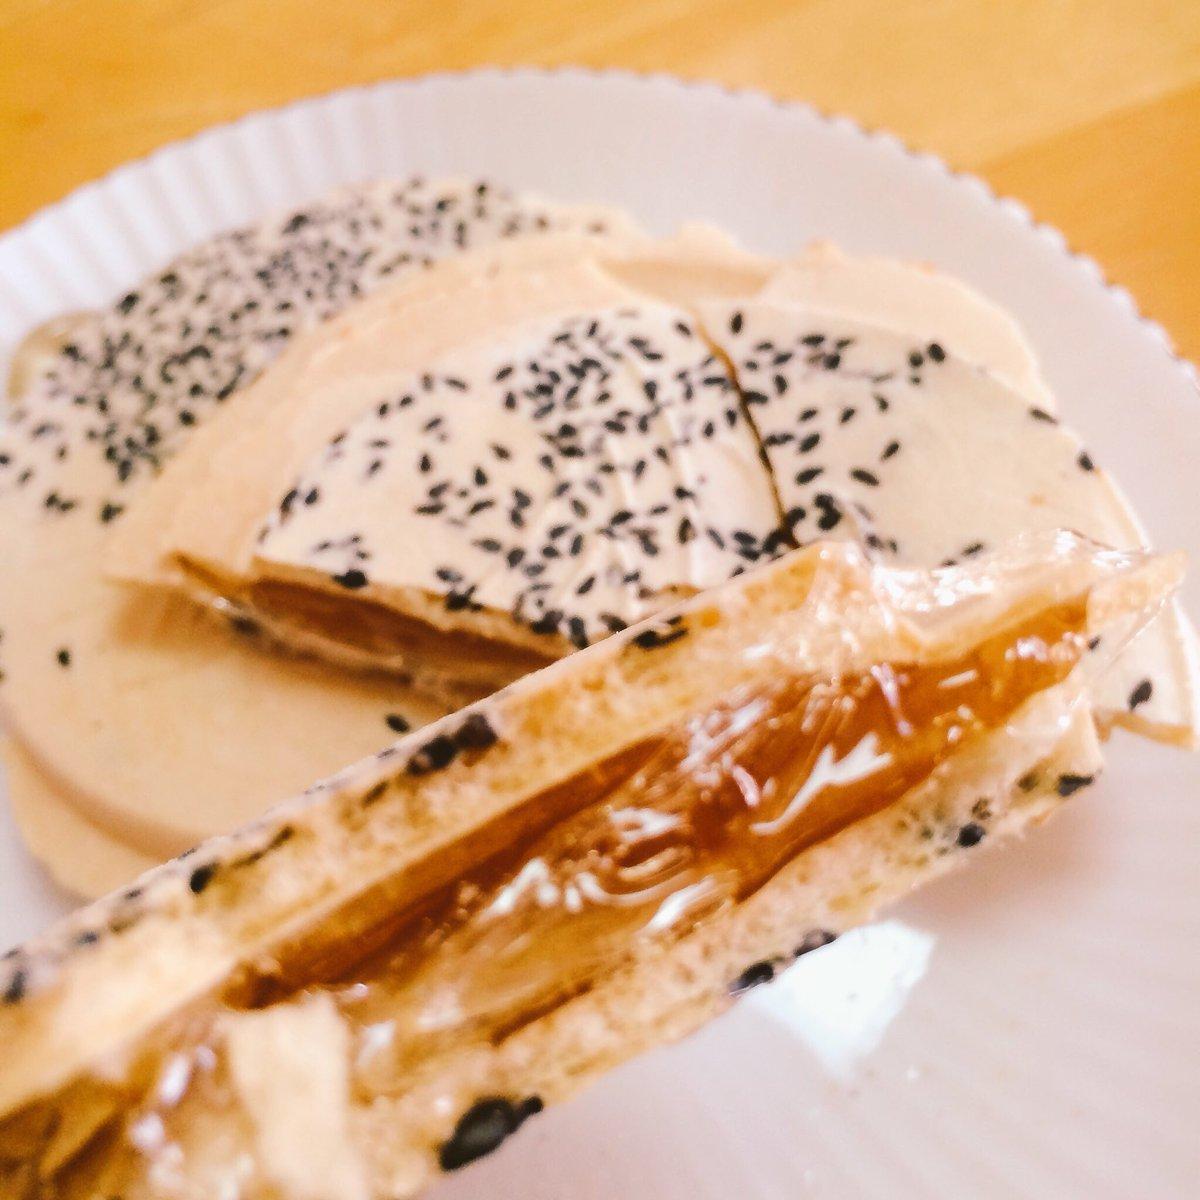 test ツイッターメディア - 北海道の冬季限定 『あめせん』( ´ ▽ ` )ノ 南部煎餅の間に水飴が 挟んであるのですが せんべいの粉は落ちるし 飴は歯に詰まるし大変なんですが旨い!やめられない😊 お煎餅は胡麻とピーナッツ の2種類ありますよ https://t.co/4LWCye5PUh